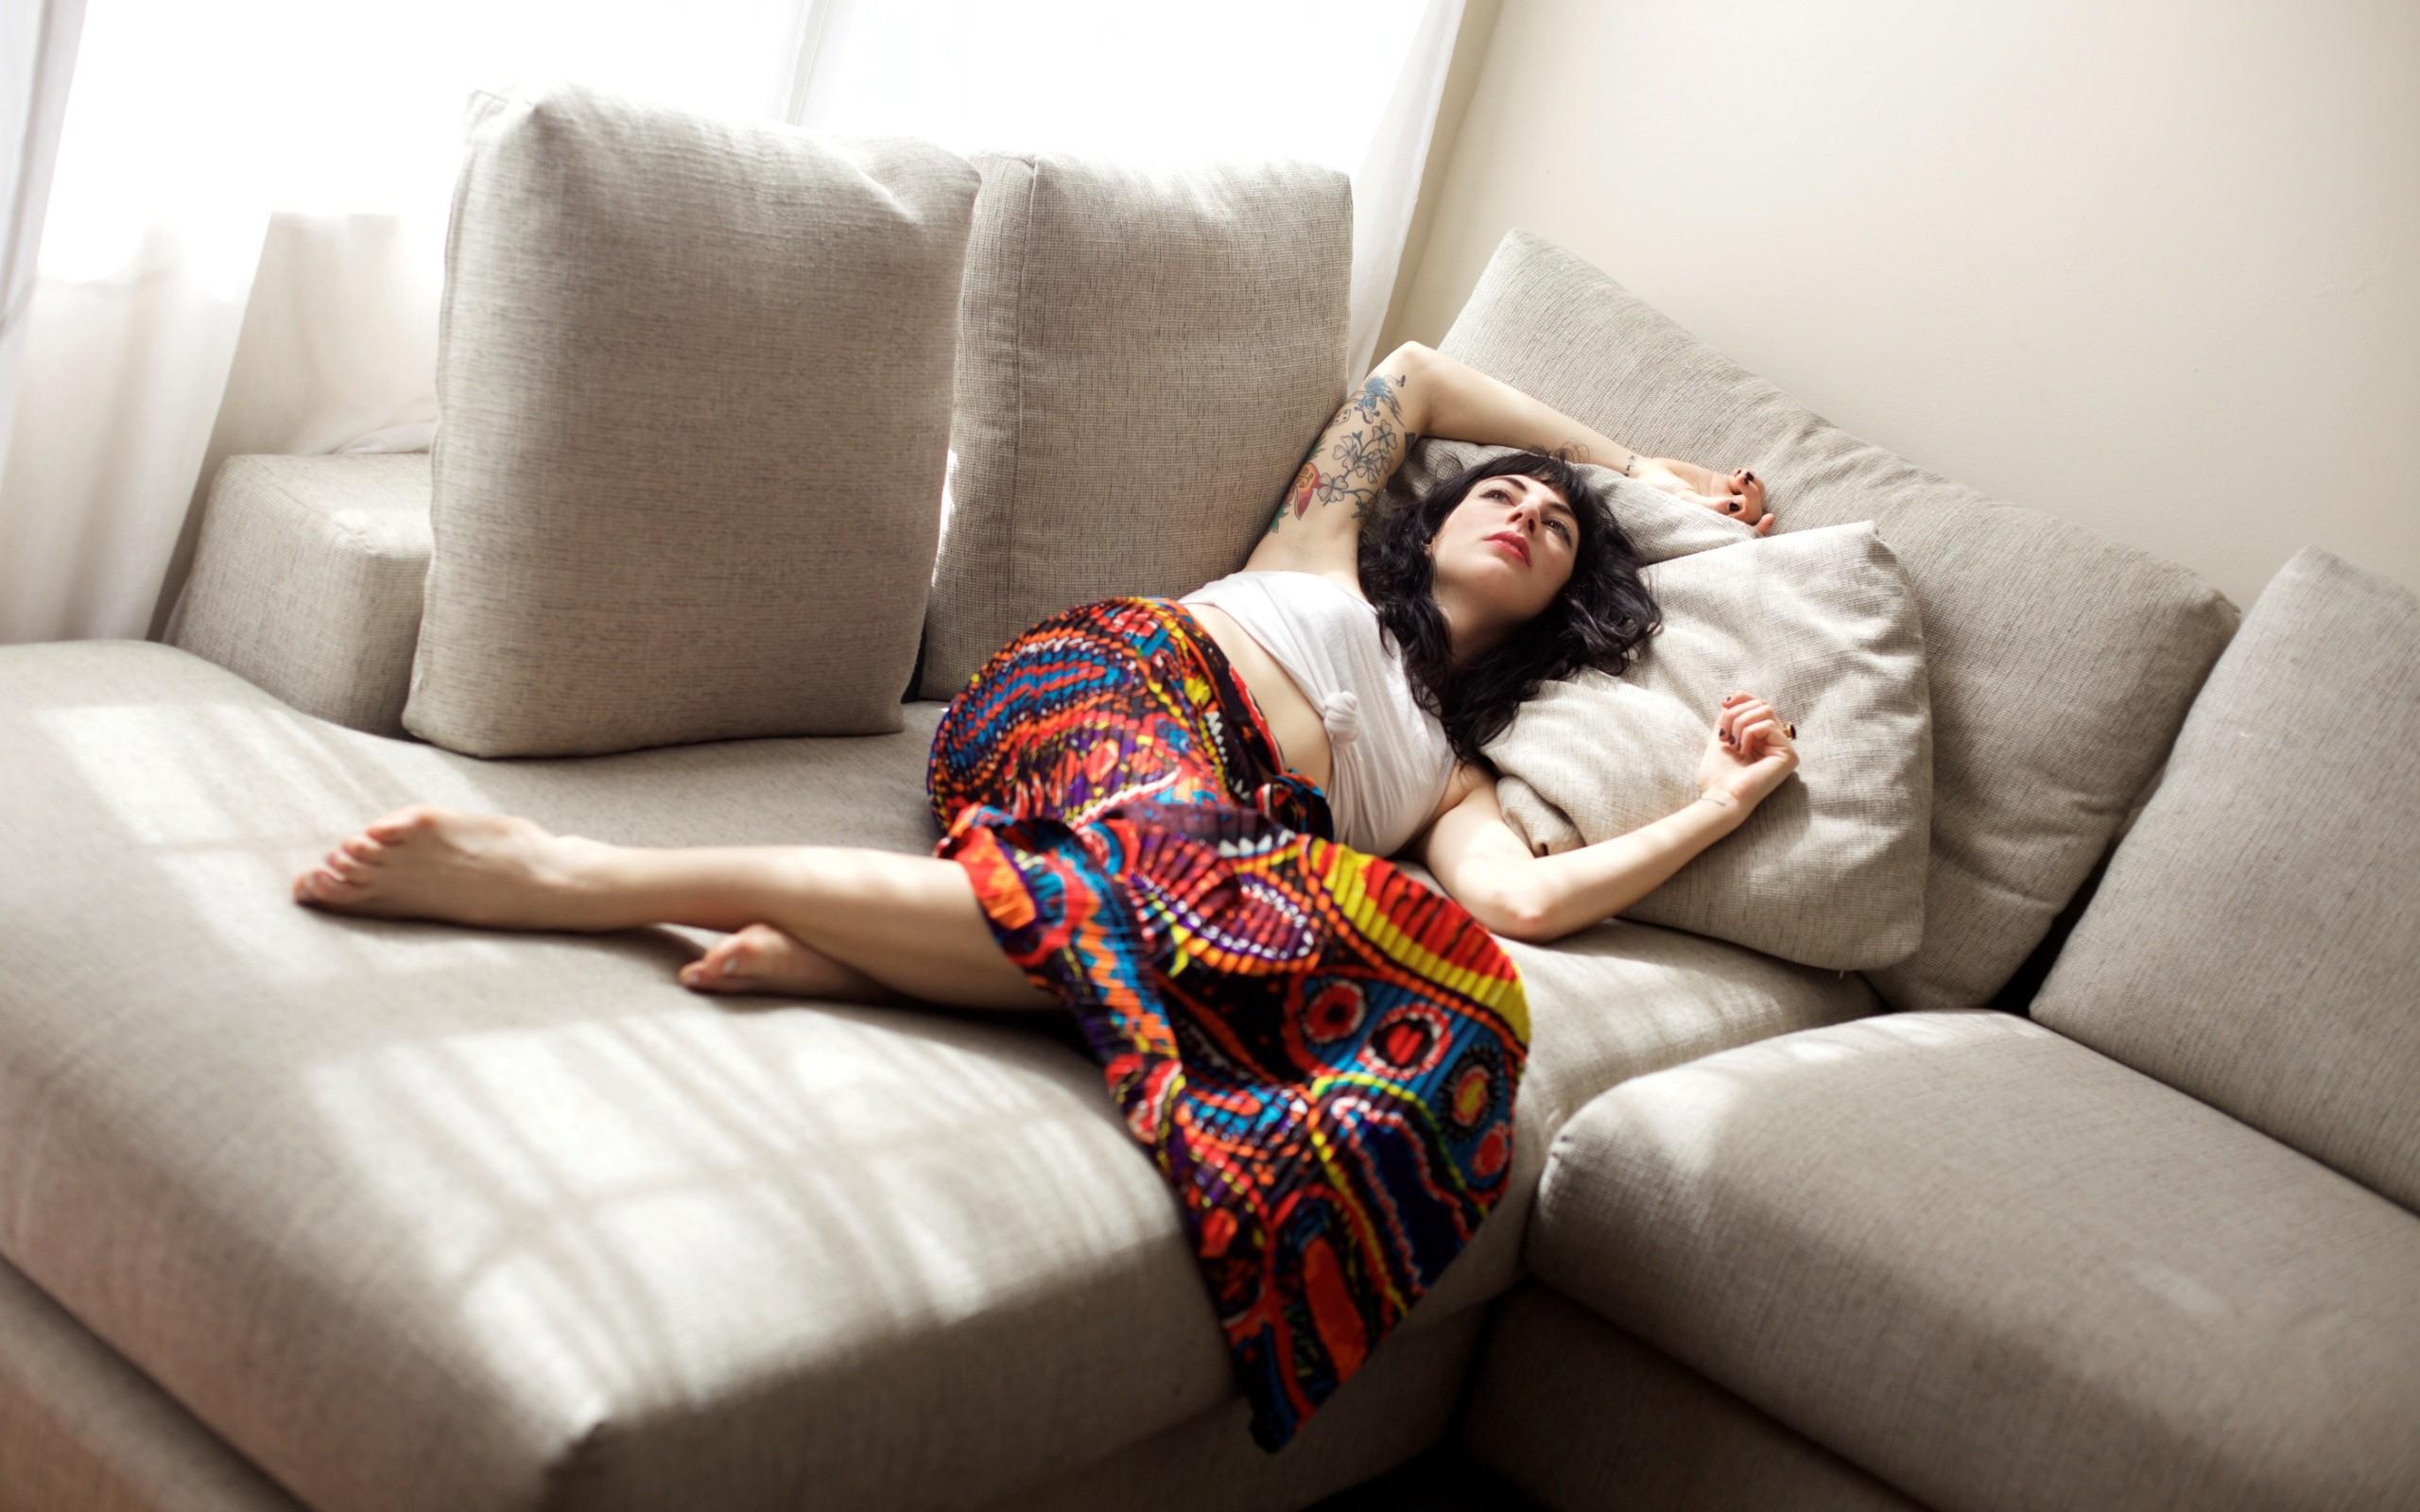 жизнь женщины на диване онлайн замедлил